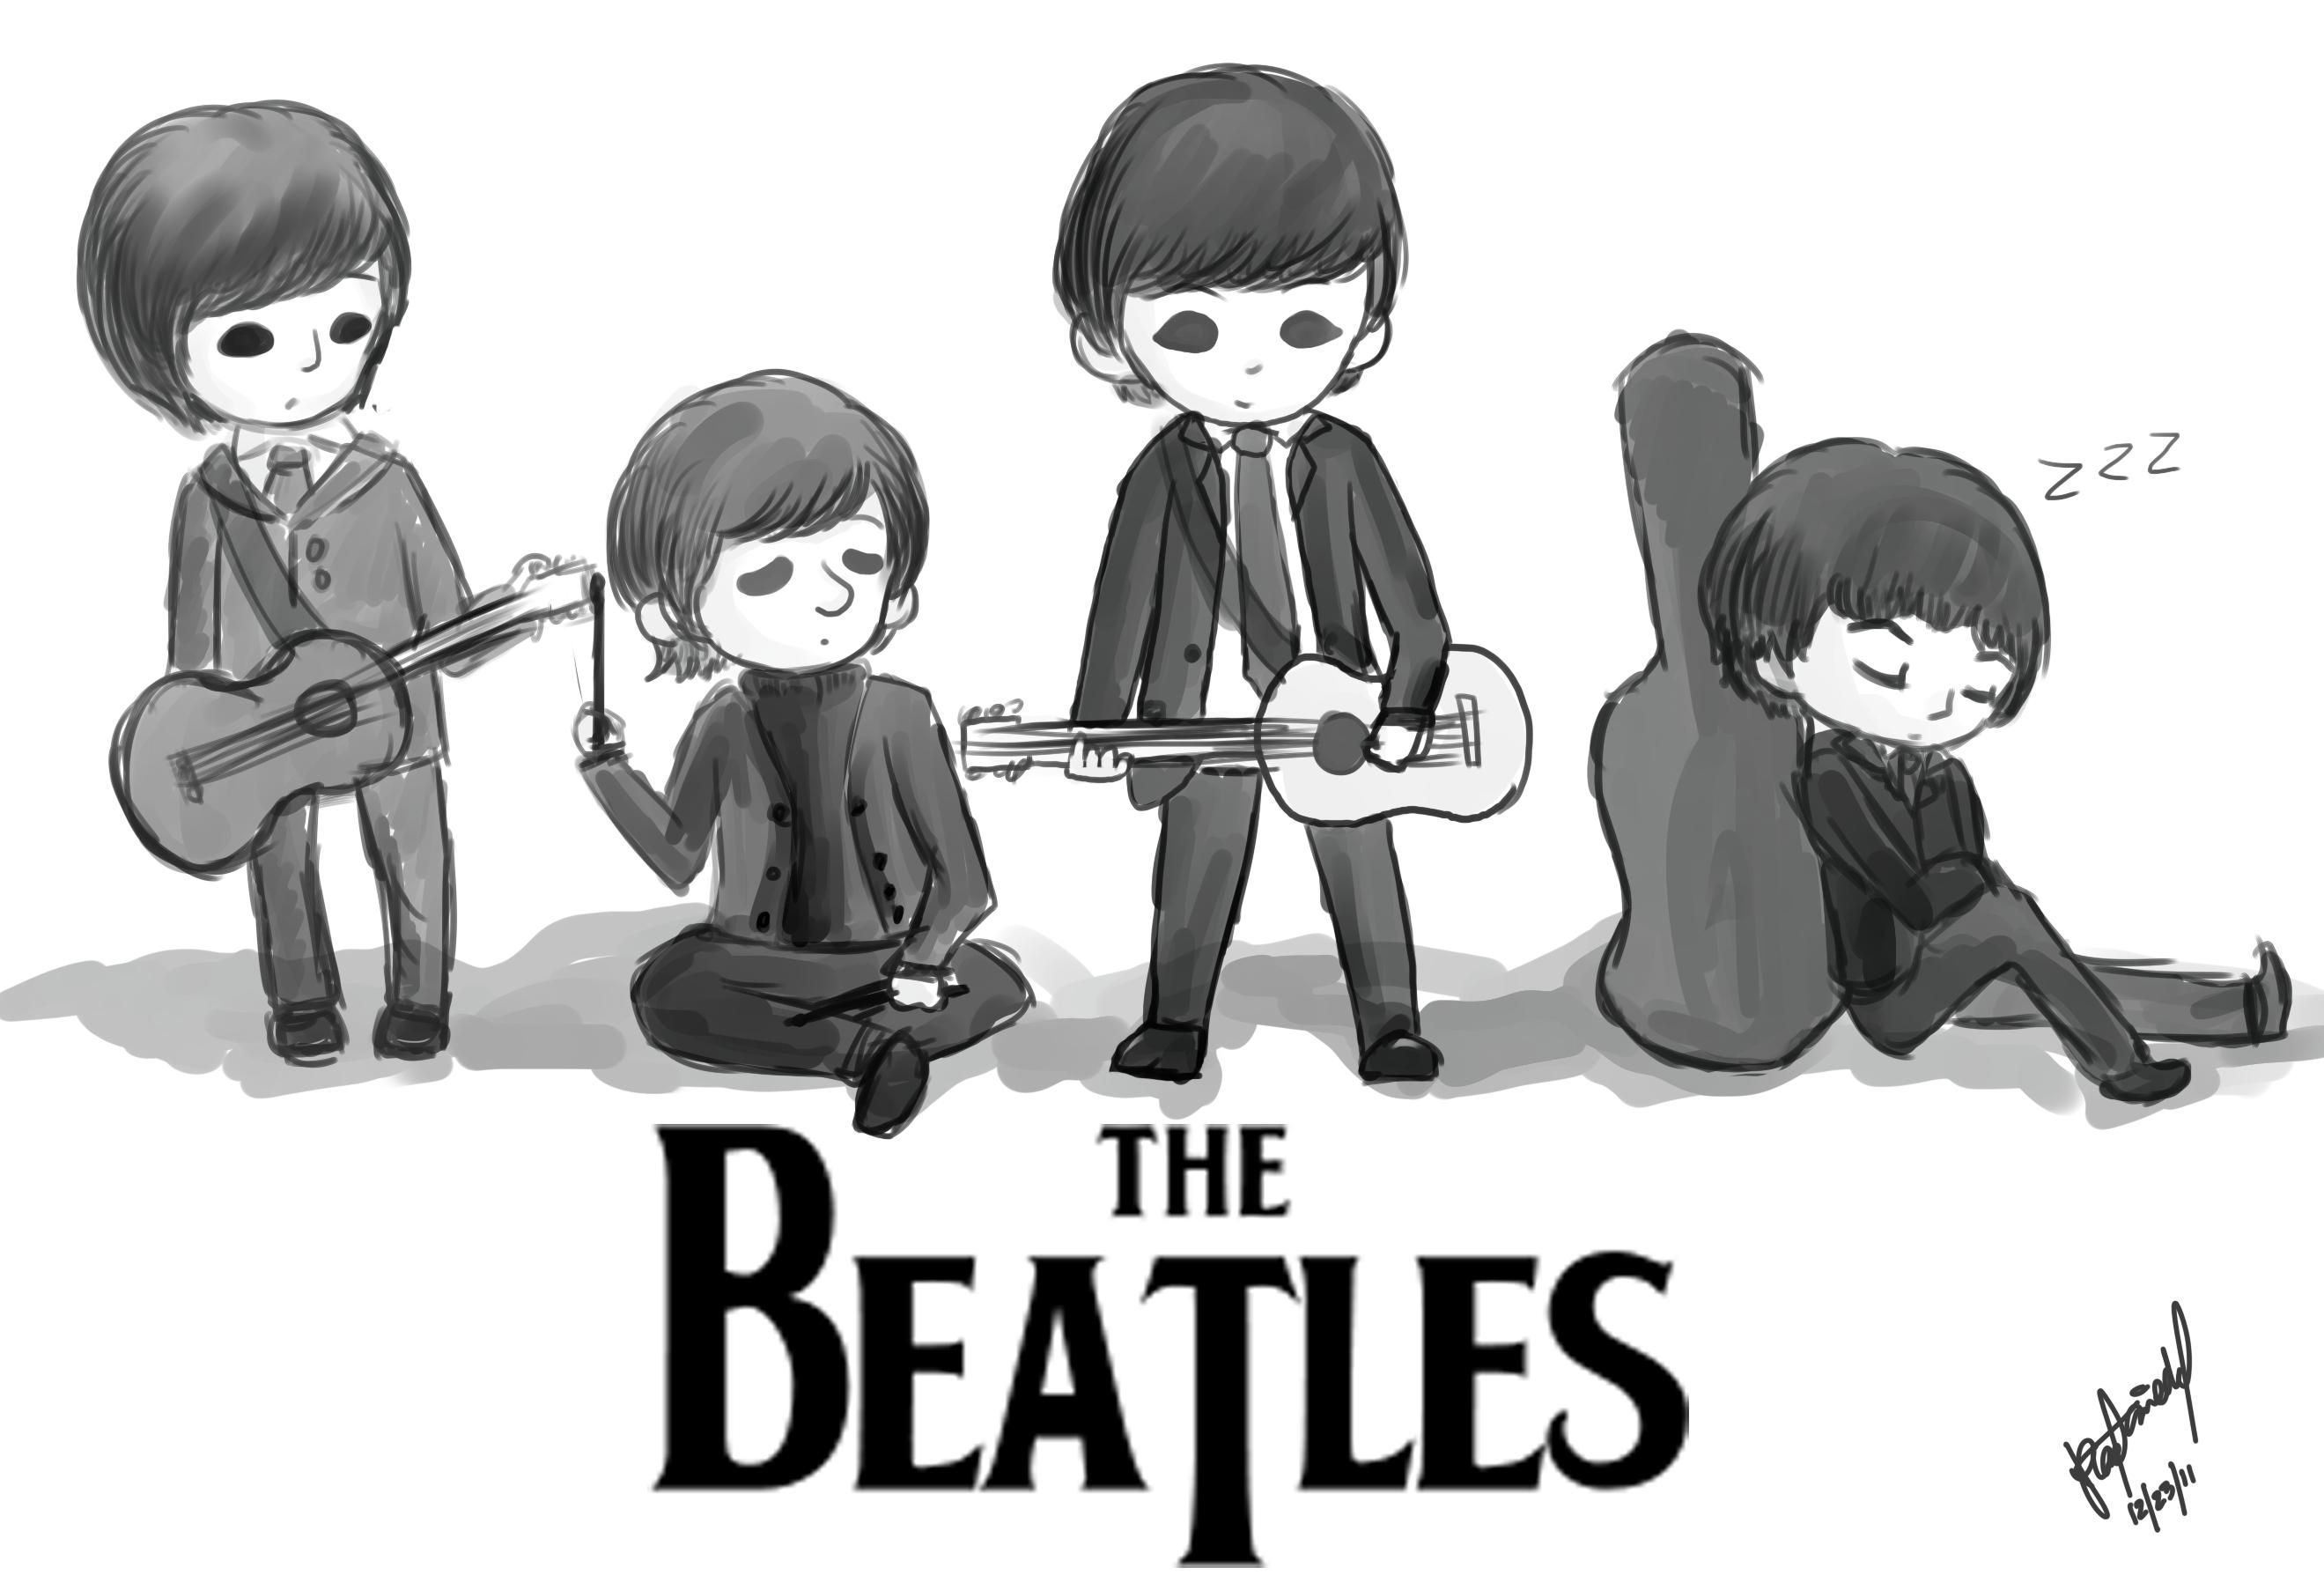 [50+] The Beatles Wallpaper iPhone on WallpaperSafari